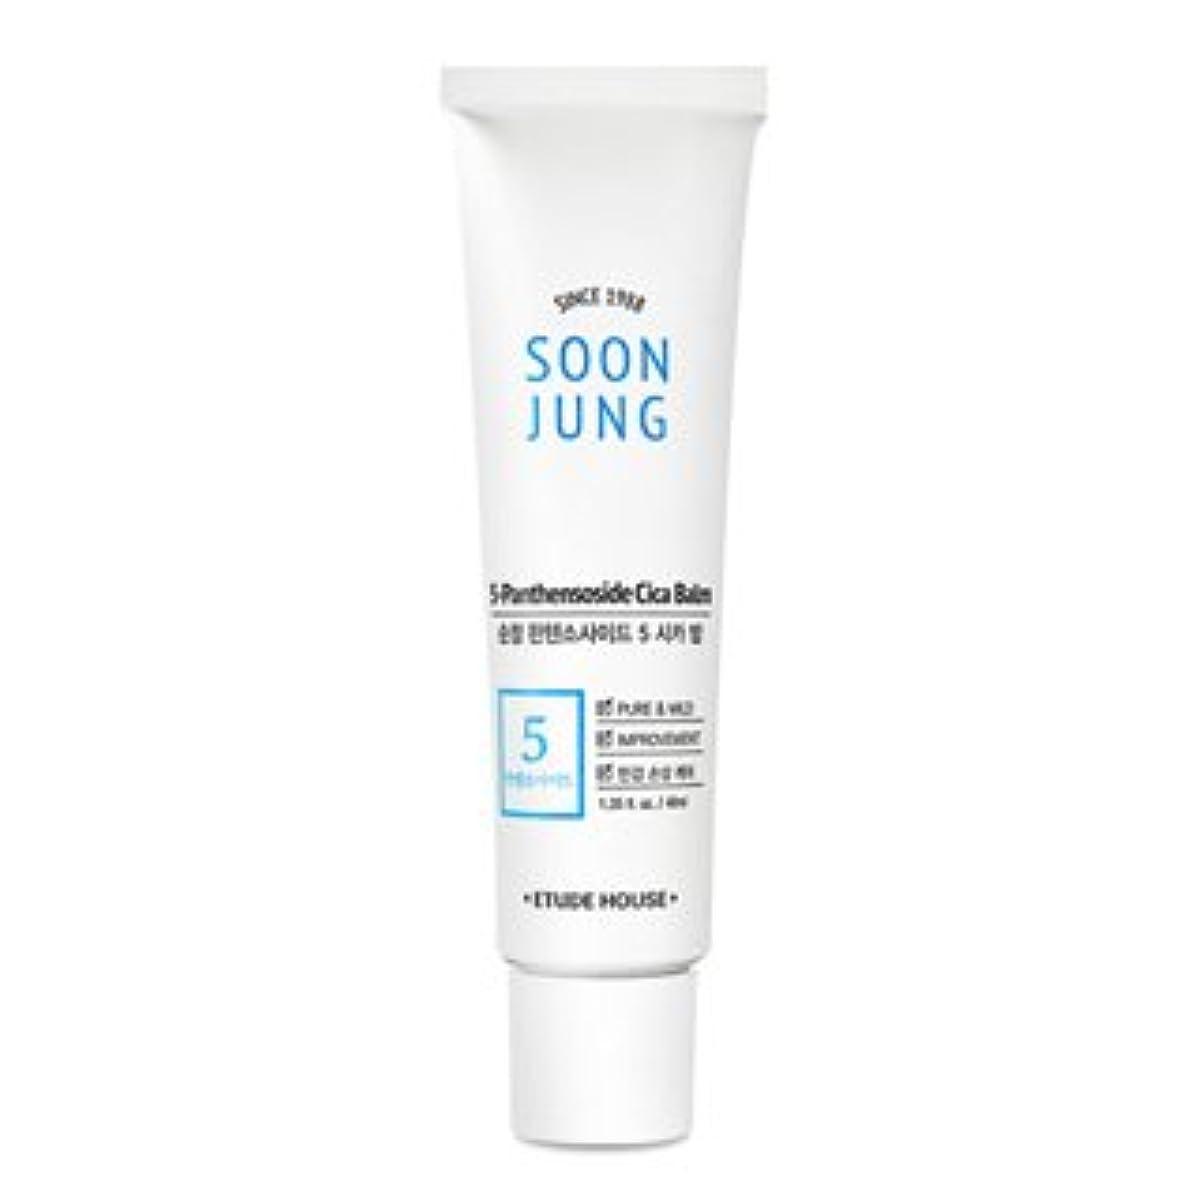 免除横りんご[New] ETUDE HOUSE Soon Jung 5-Panthensoside Cica Balm/エチュードハウス スンジョン 5-パンテンソシド シカ バーム (40ml) [並行輸入品]